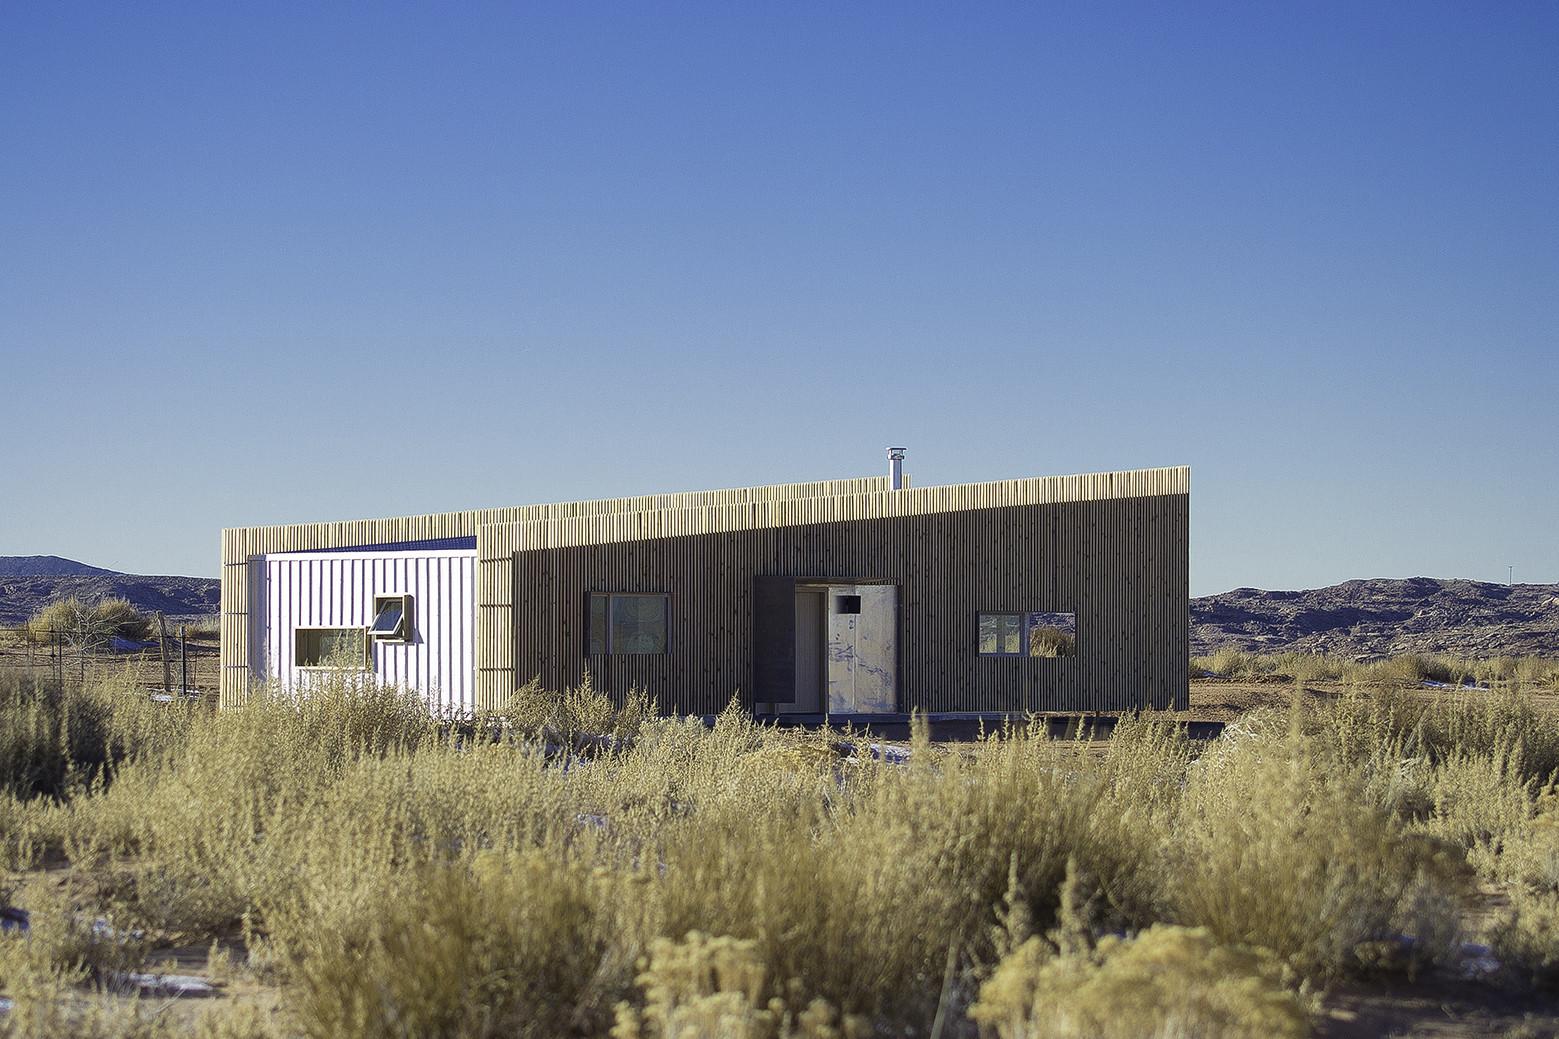 Hozho House / DesignBuildBLUFF + Colorado Building Workshop, Courtesy of DesignBuildBLUFF + University of Colorado Denver